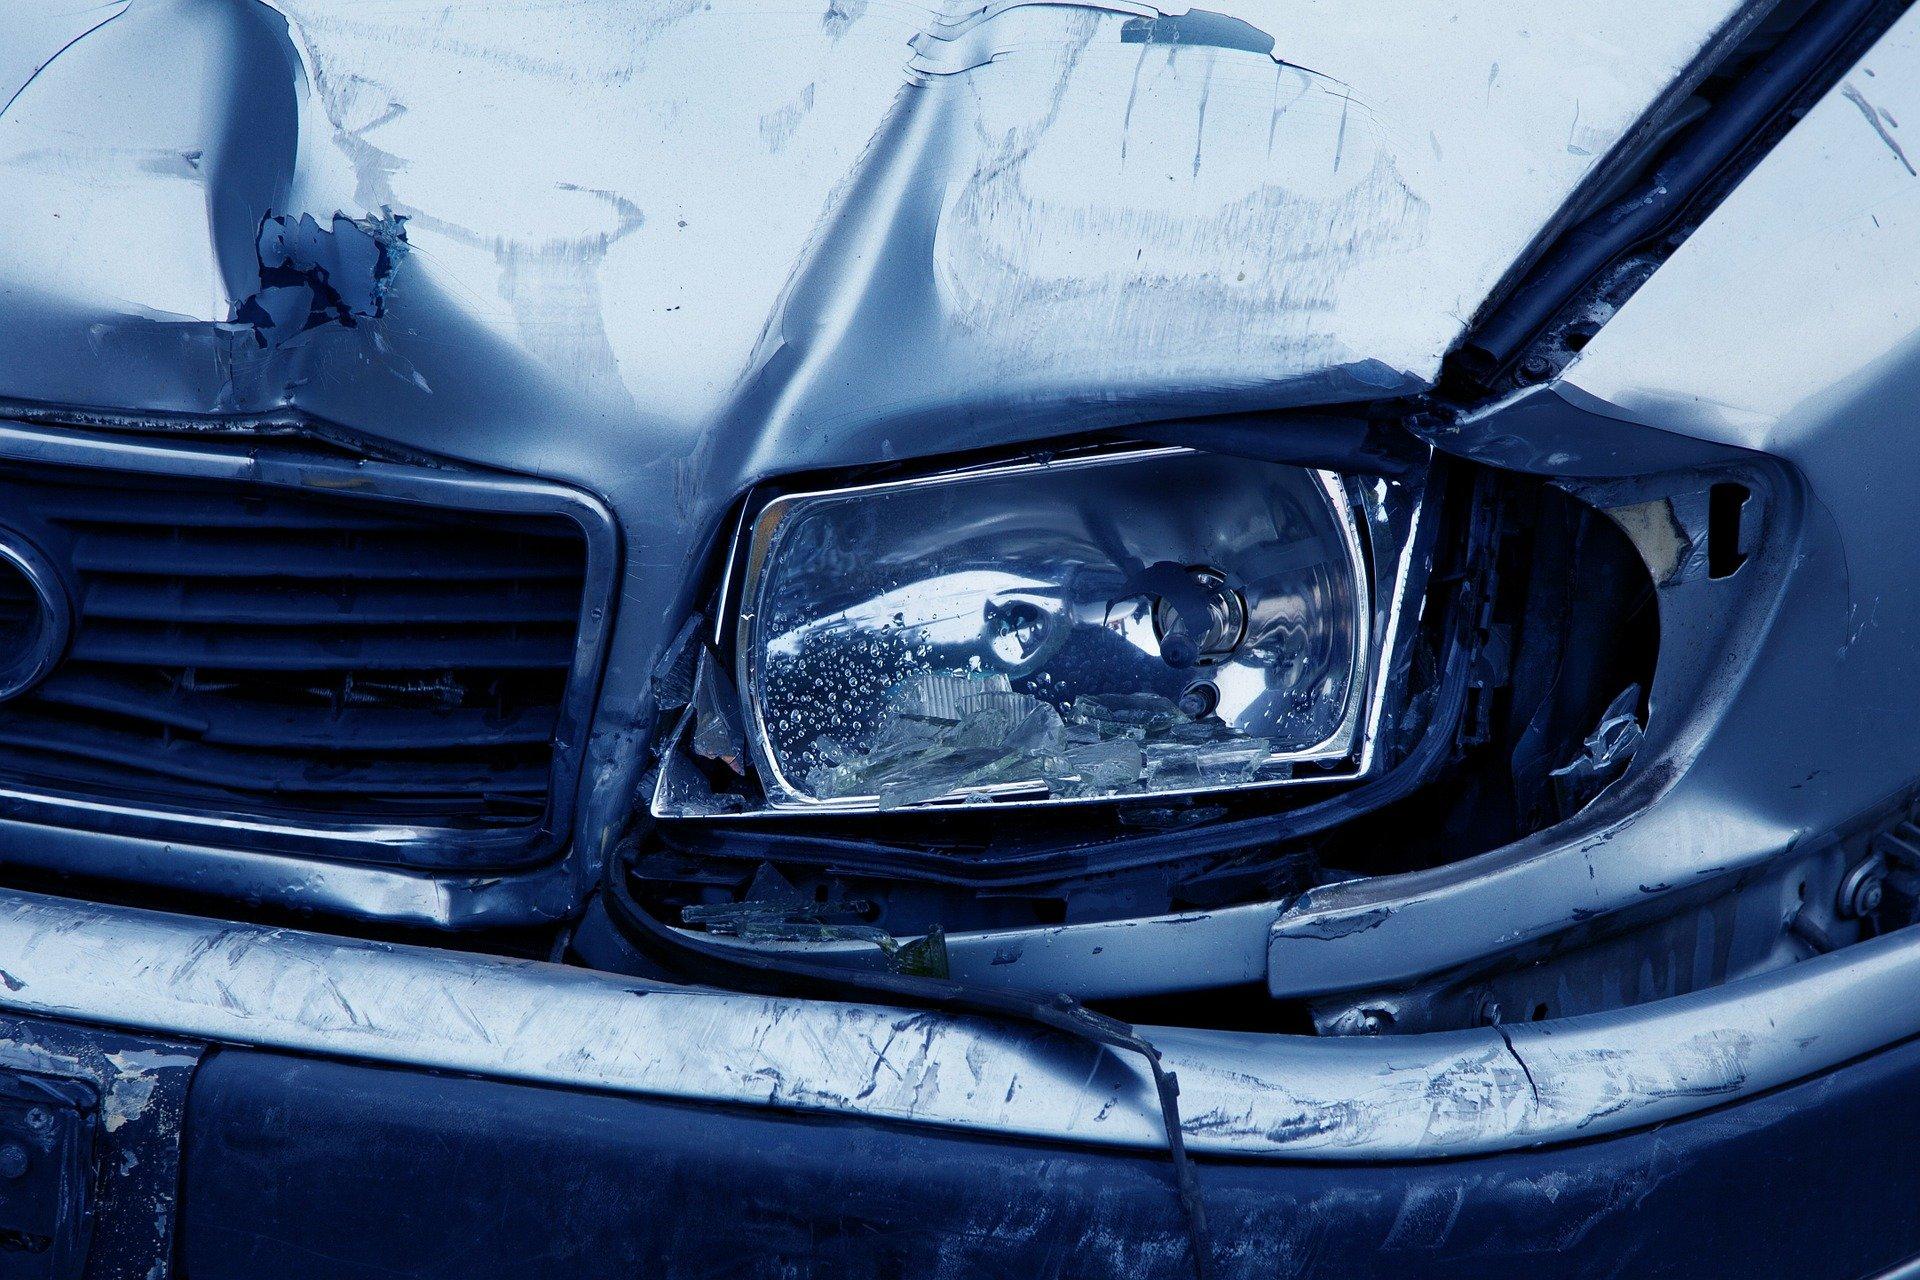 lo studio legale acp spiega come ottenere il risarcimento dei danni da sinistro stradale